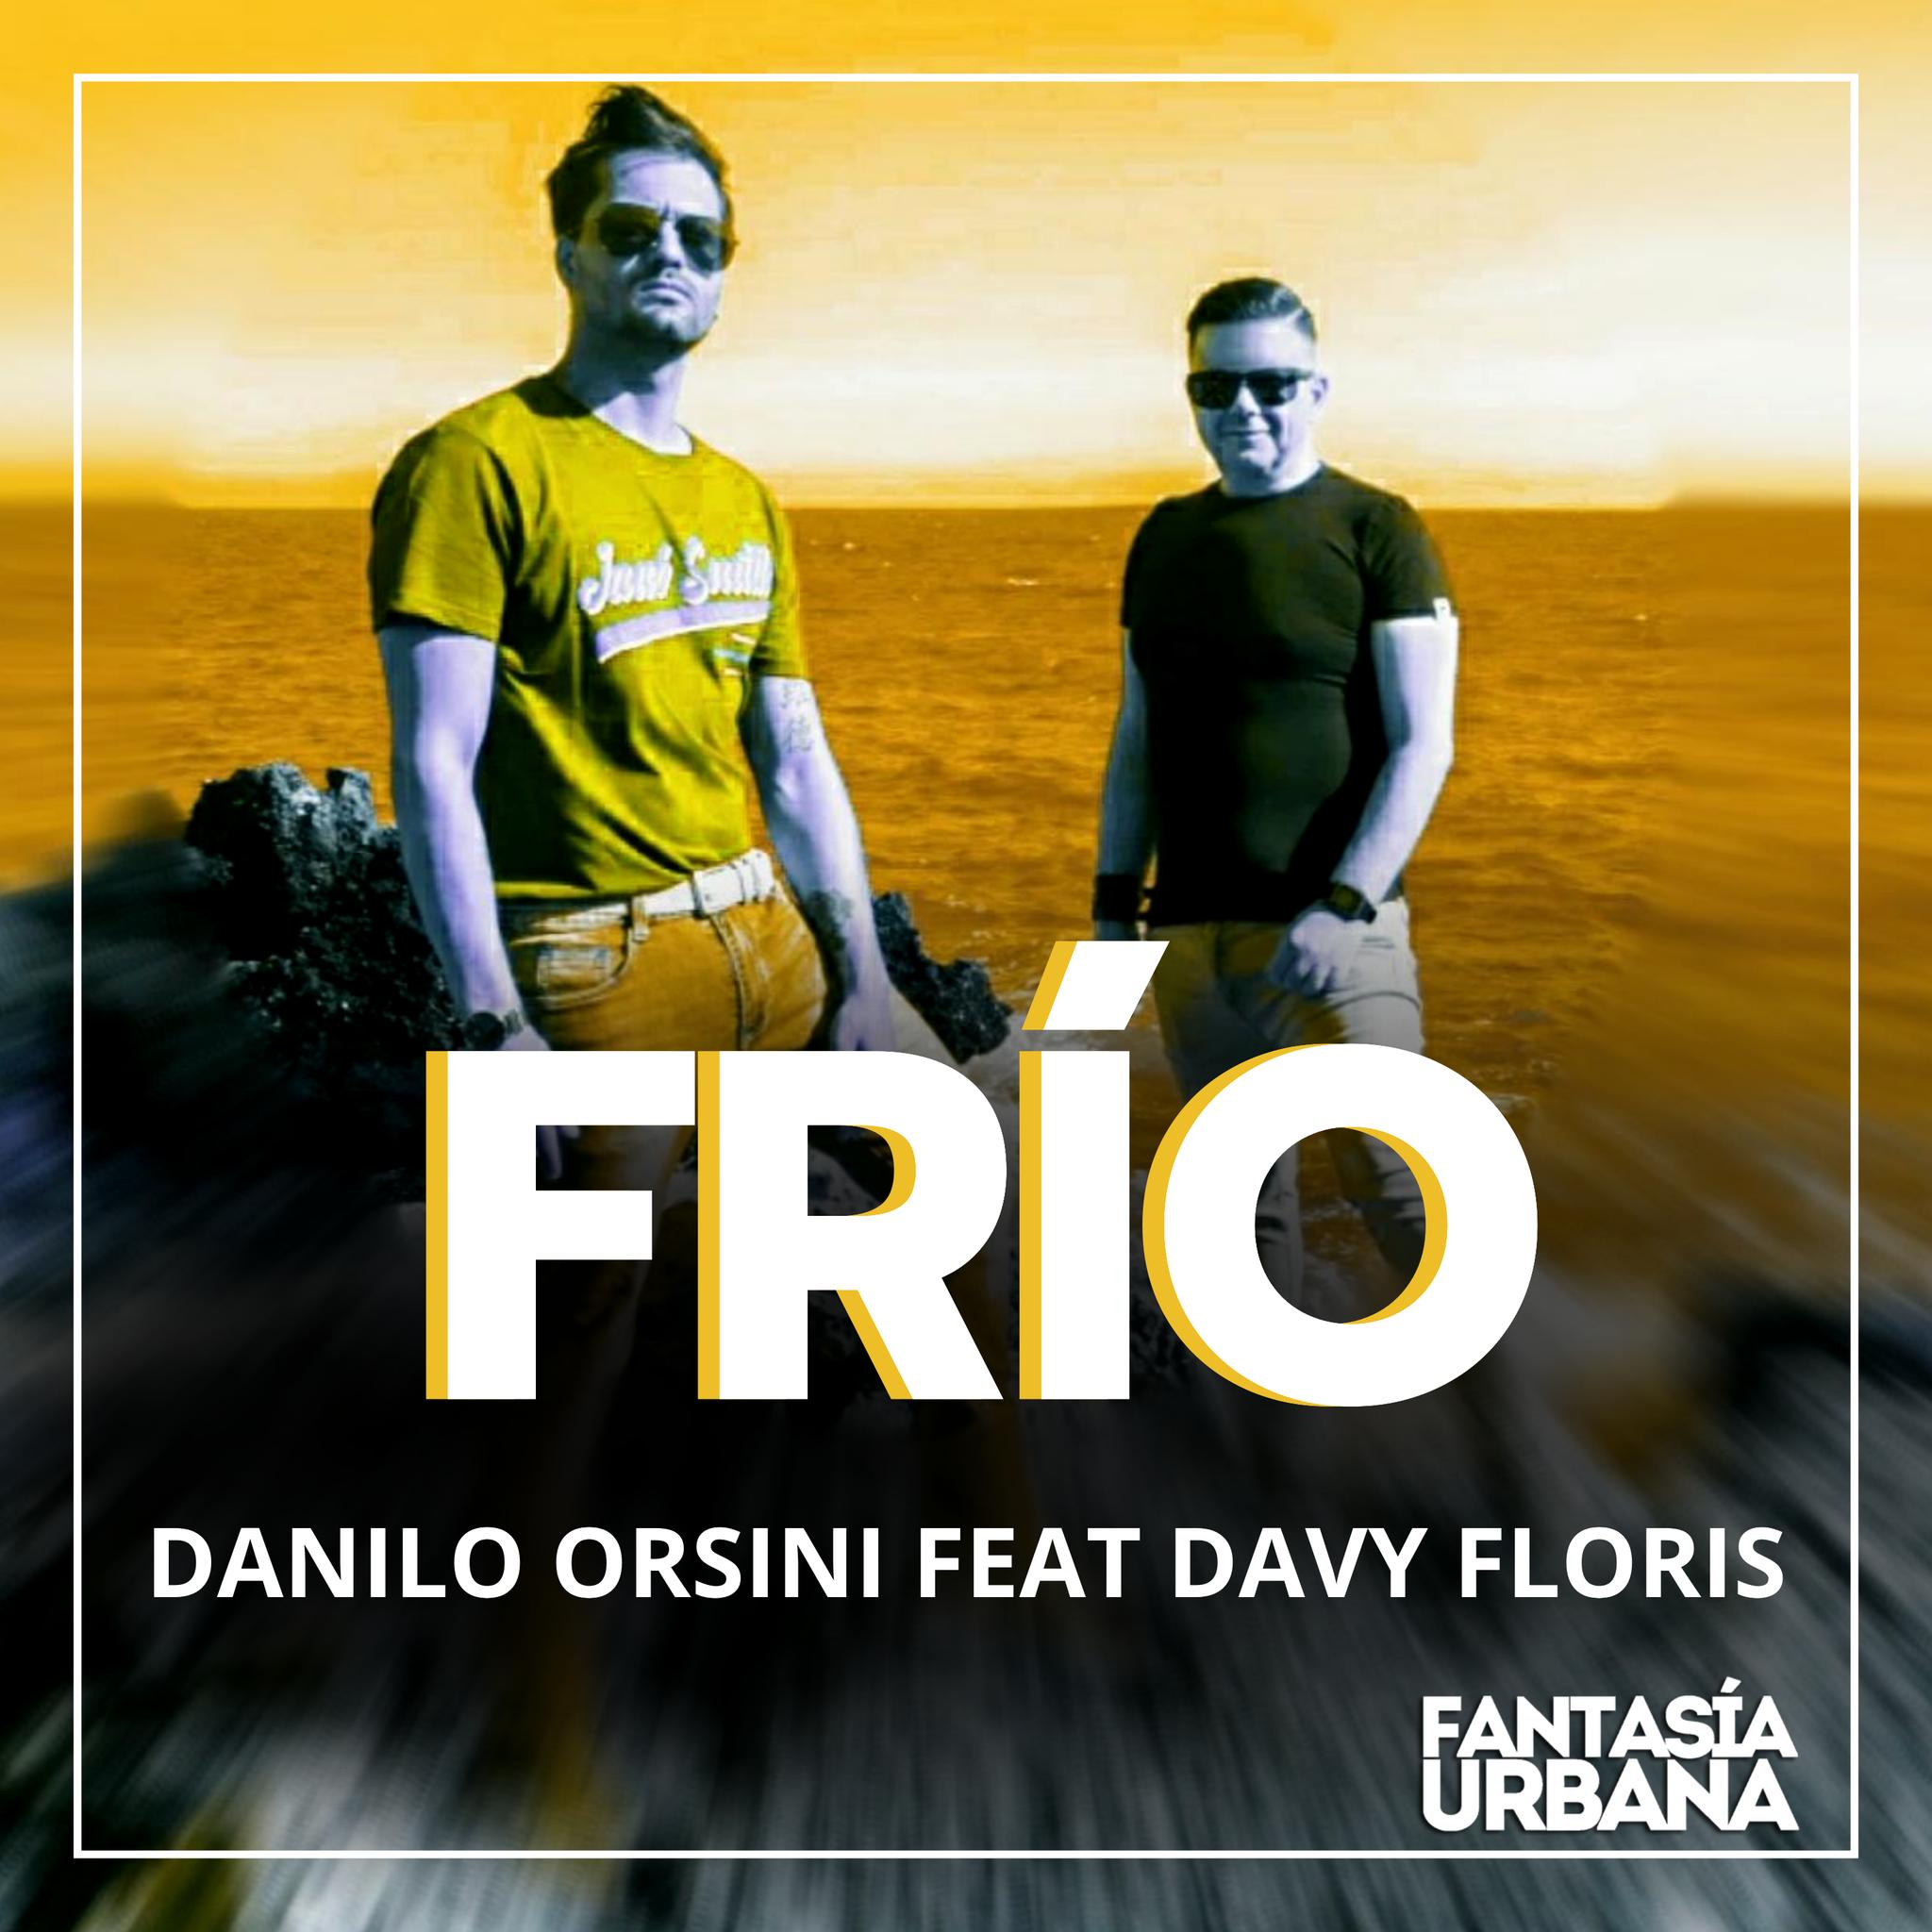 Danilo Orsini Feat. Davy Floris – Frío